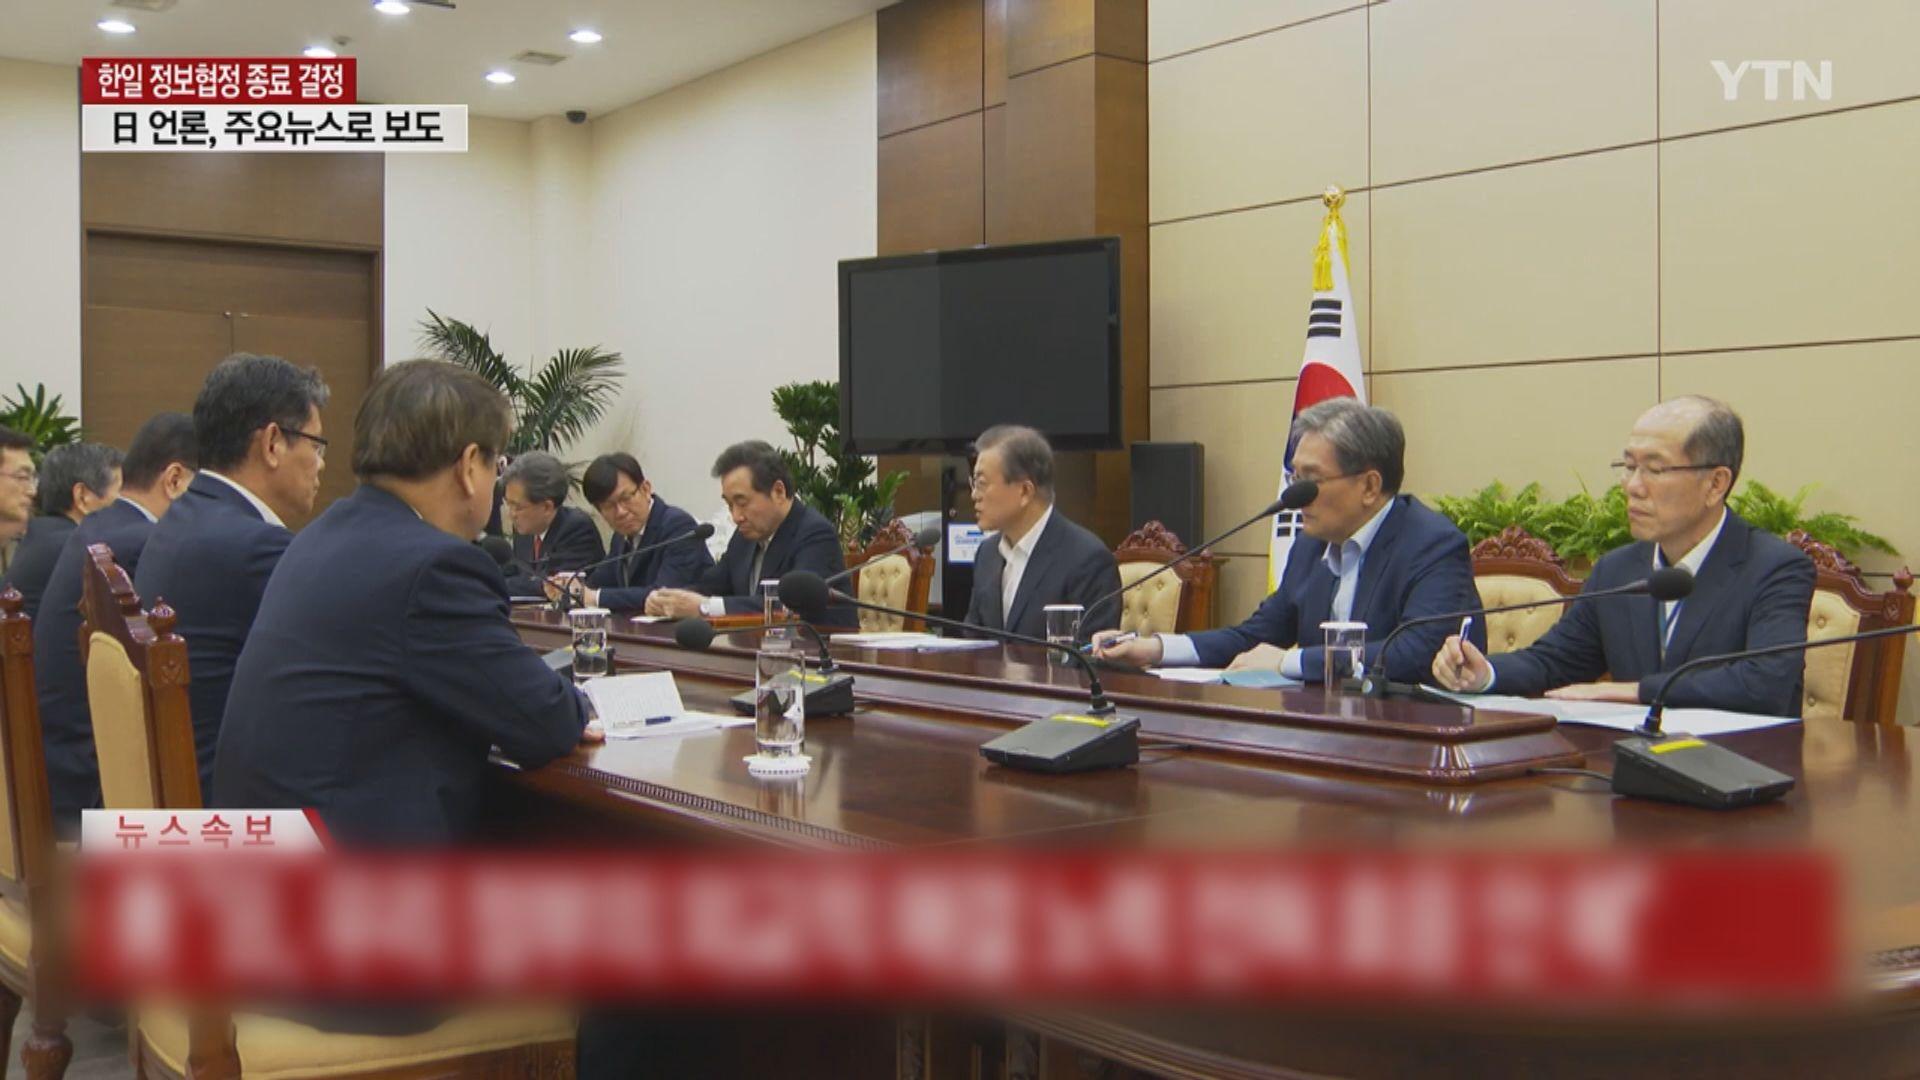 南韓終止與日本協定 日方向南韓提出抗議